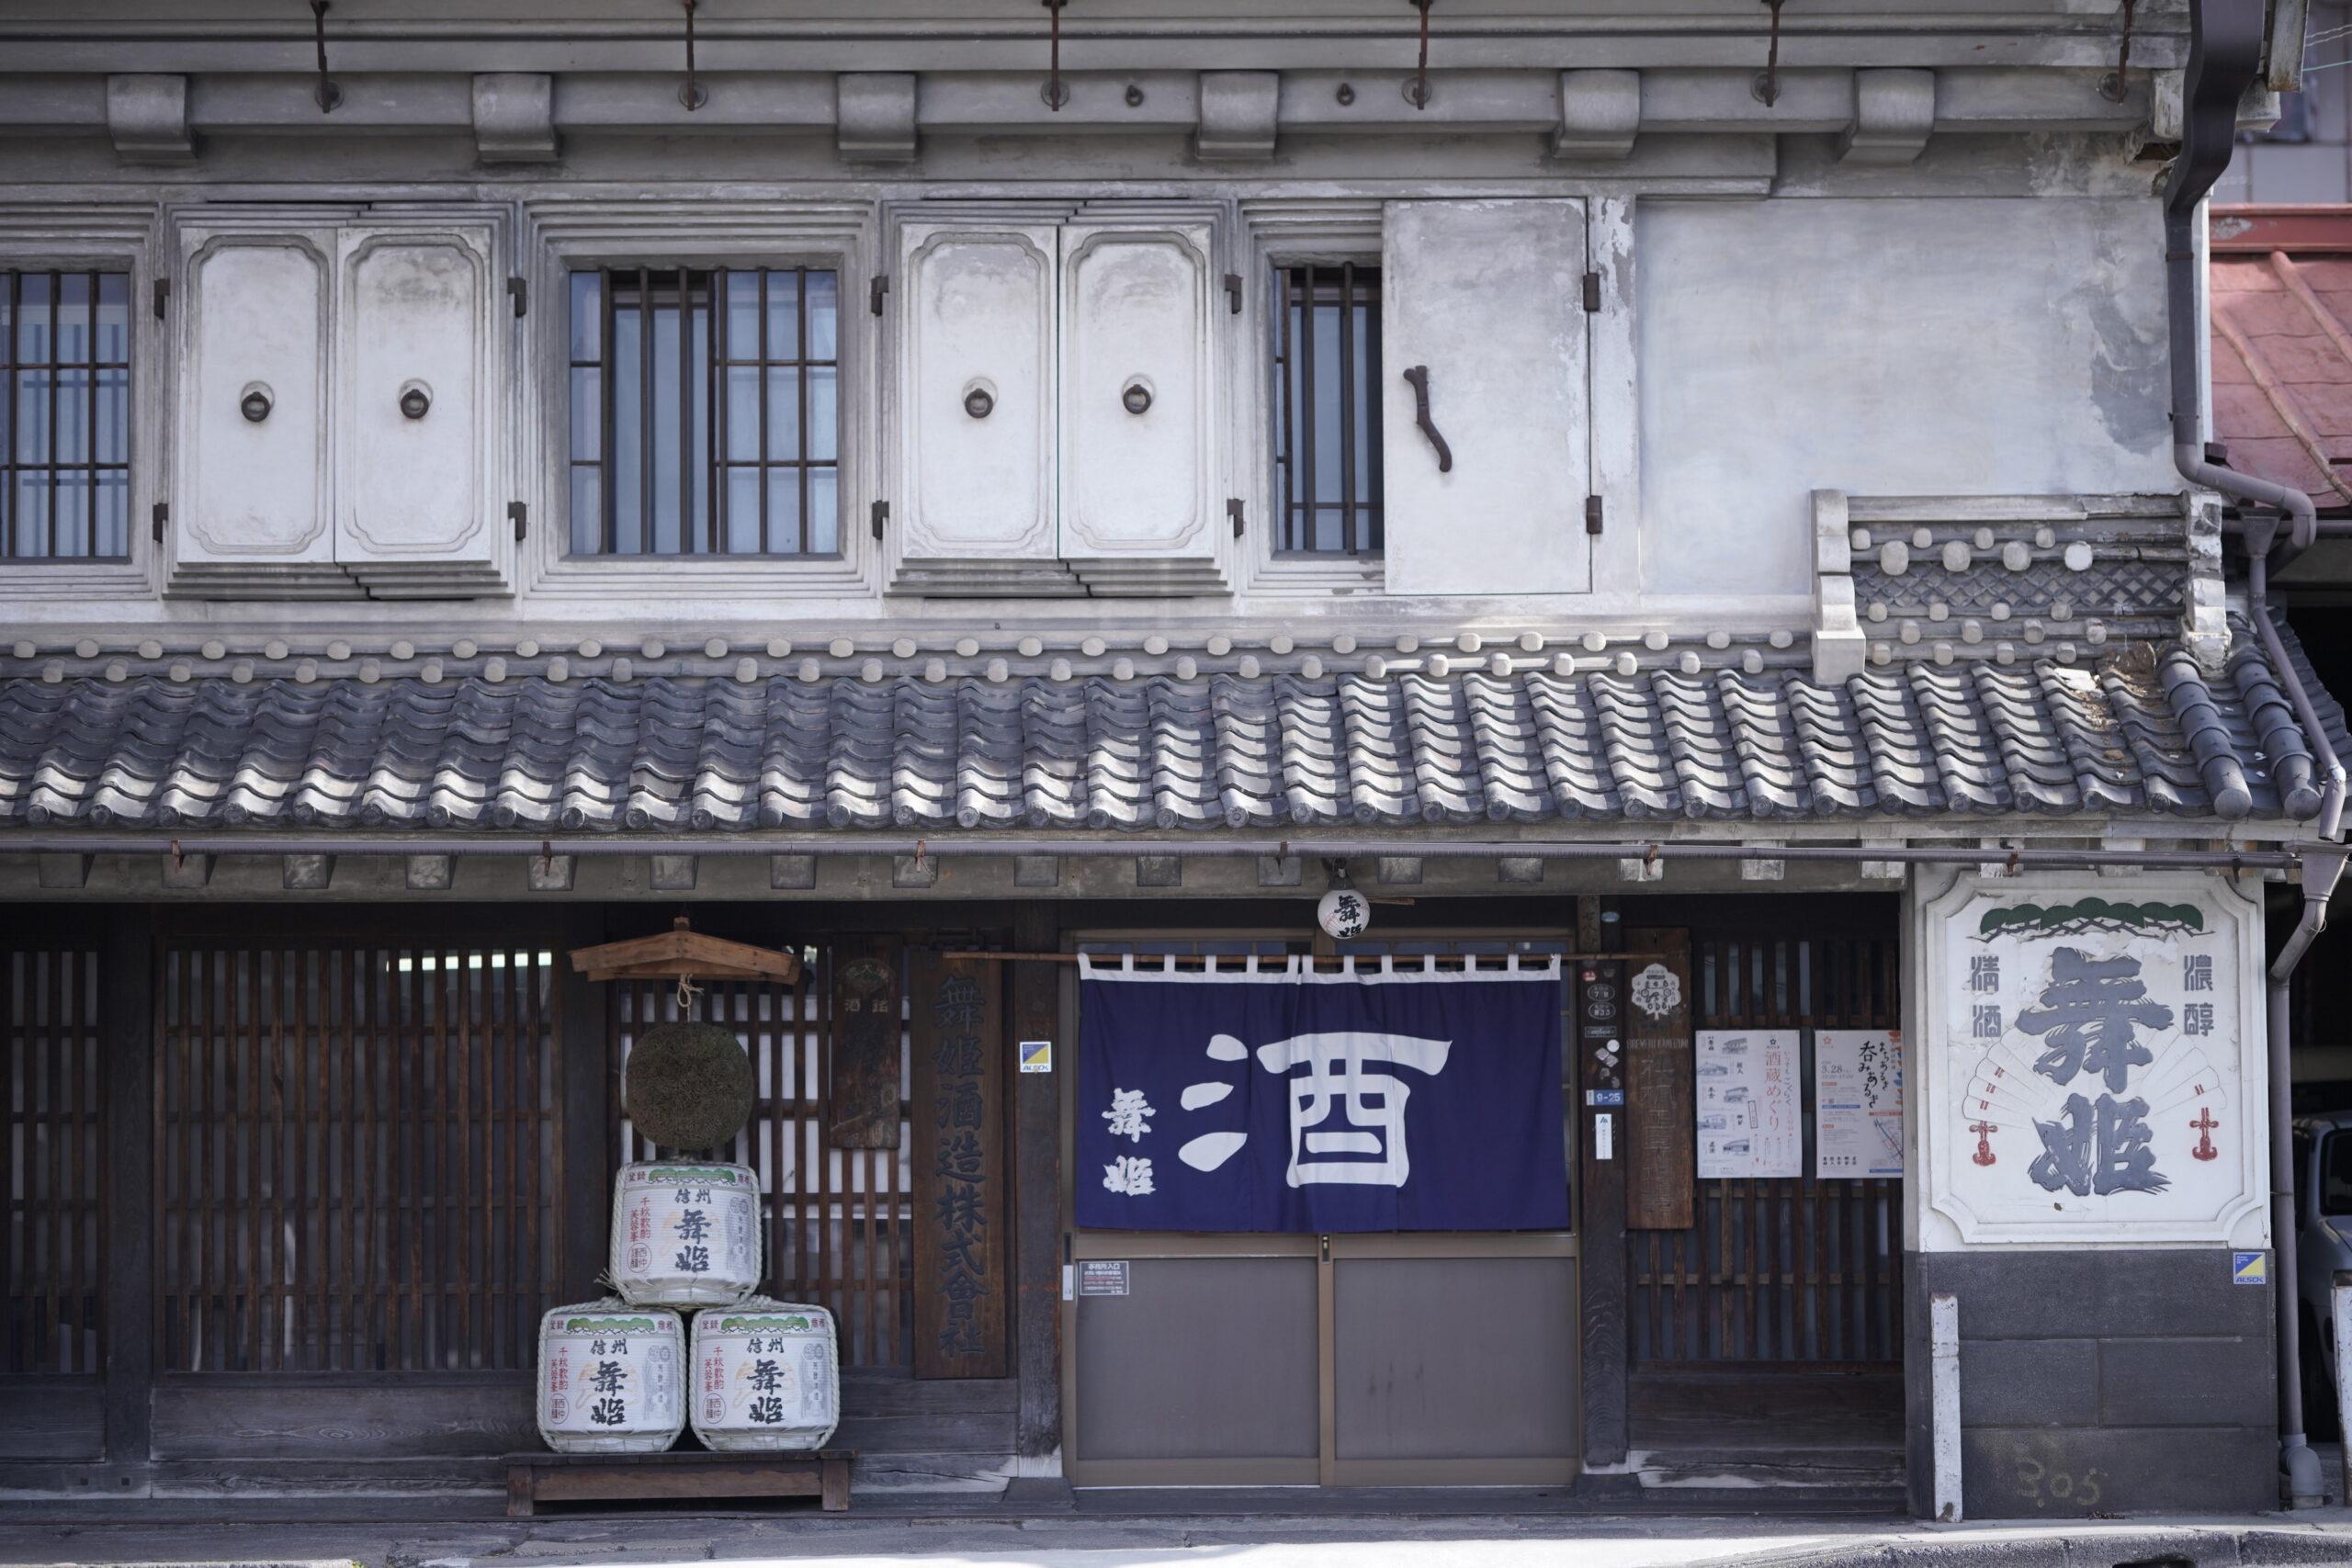 東京都八王子市の米で造った日本酒「高尾の天狗 純米大吟醸原酒 袋しぼり」5月13日新発売!